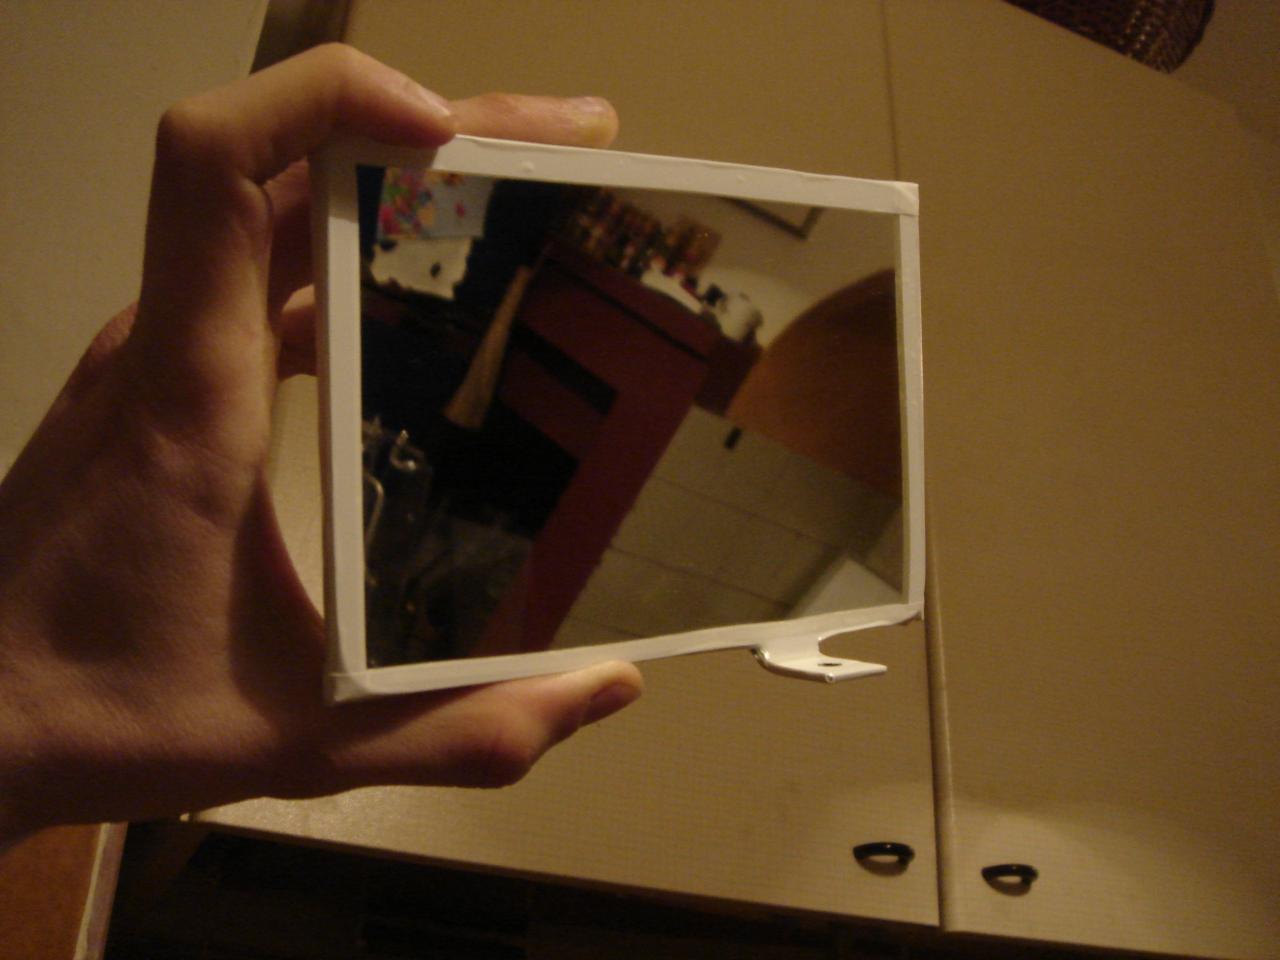 Montaggio specchio per videoproiettore nel case - Lo specchio di carta ...